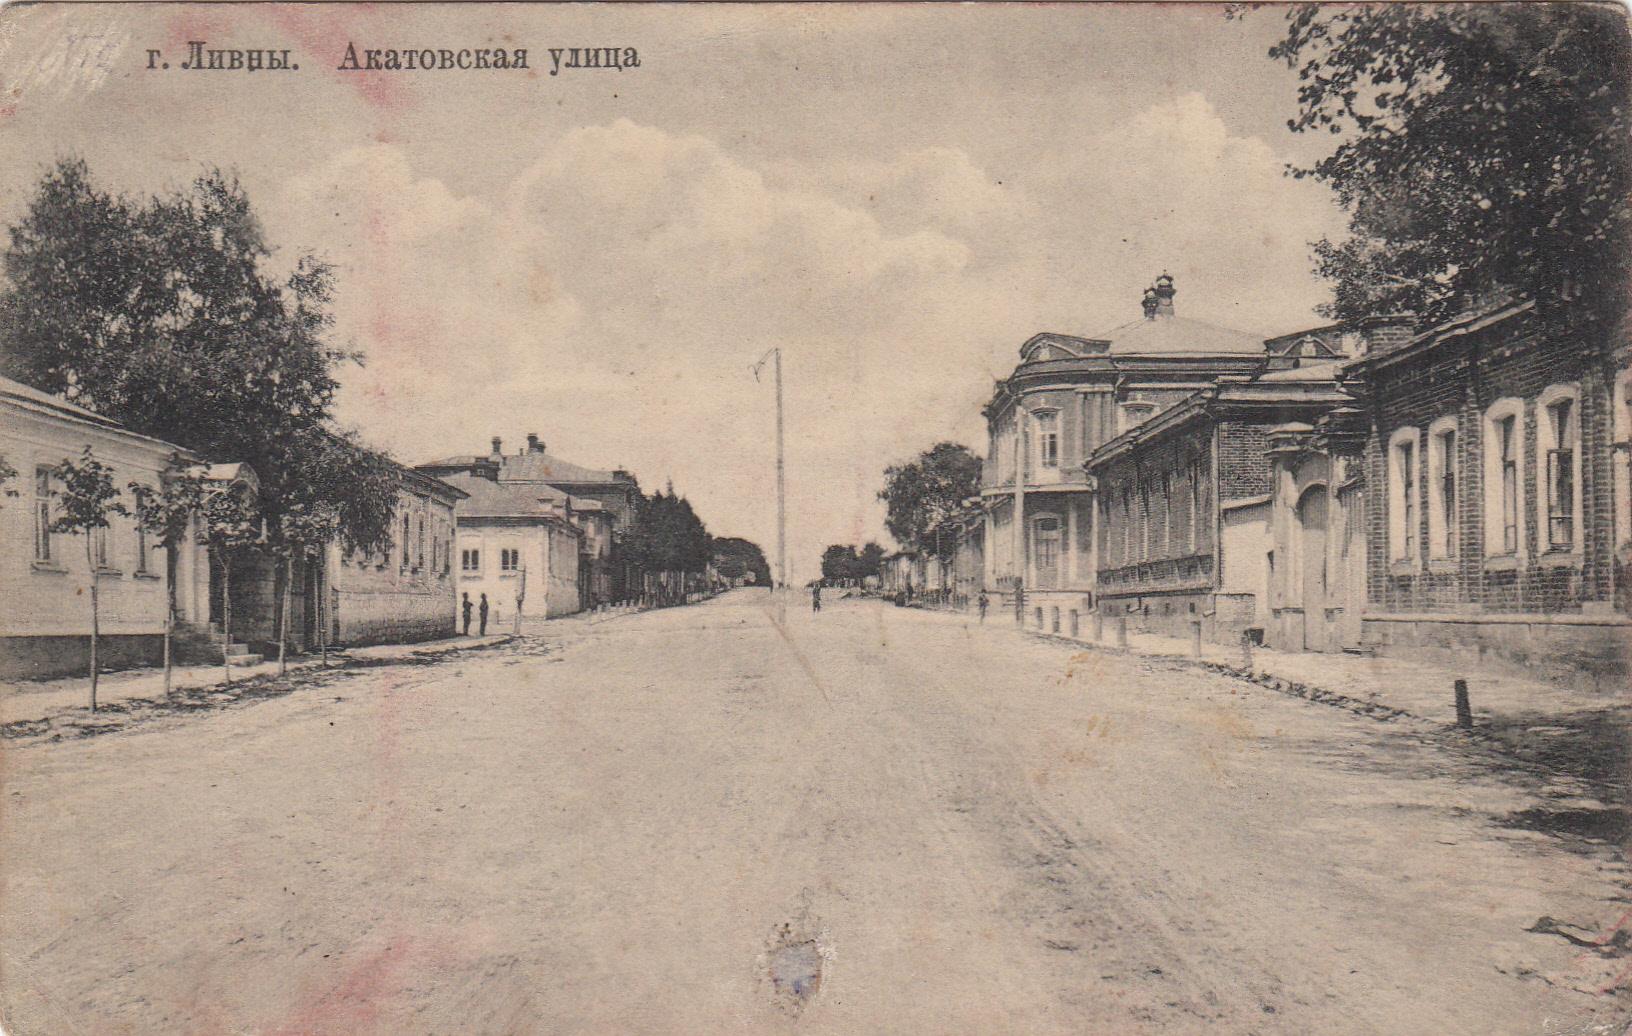 Акатовская улица1